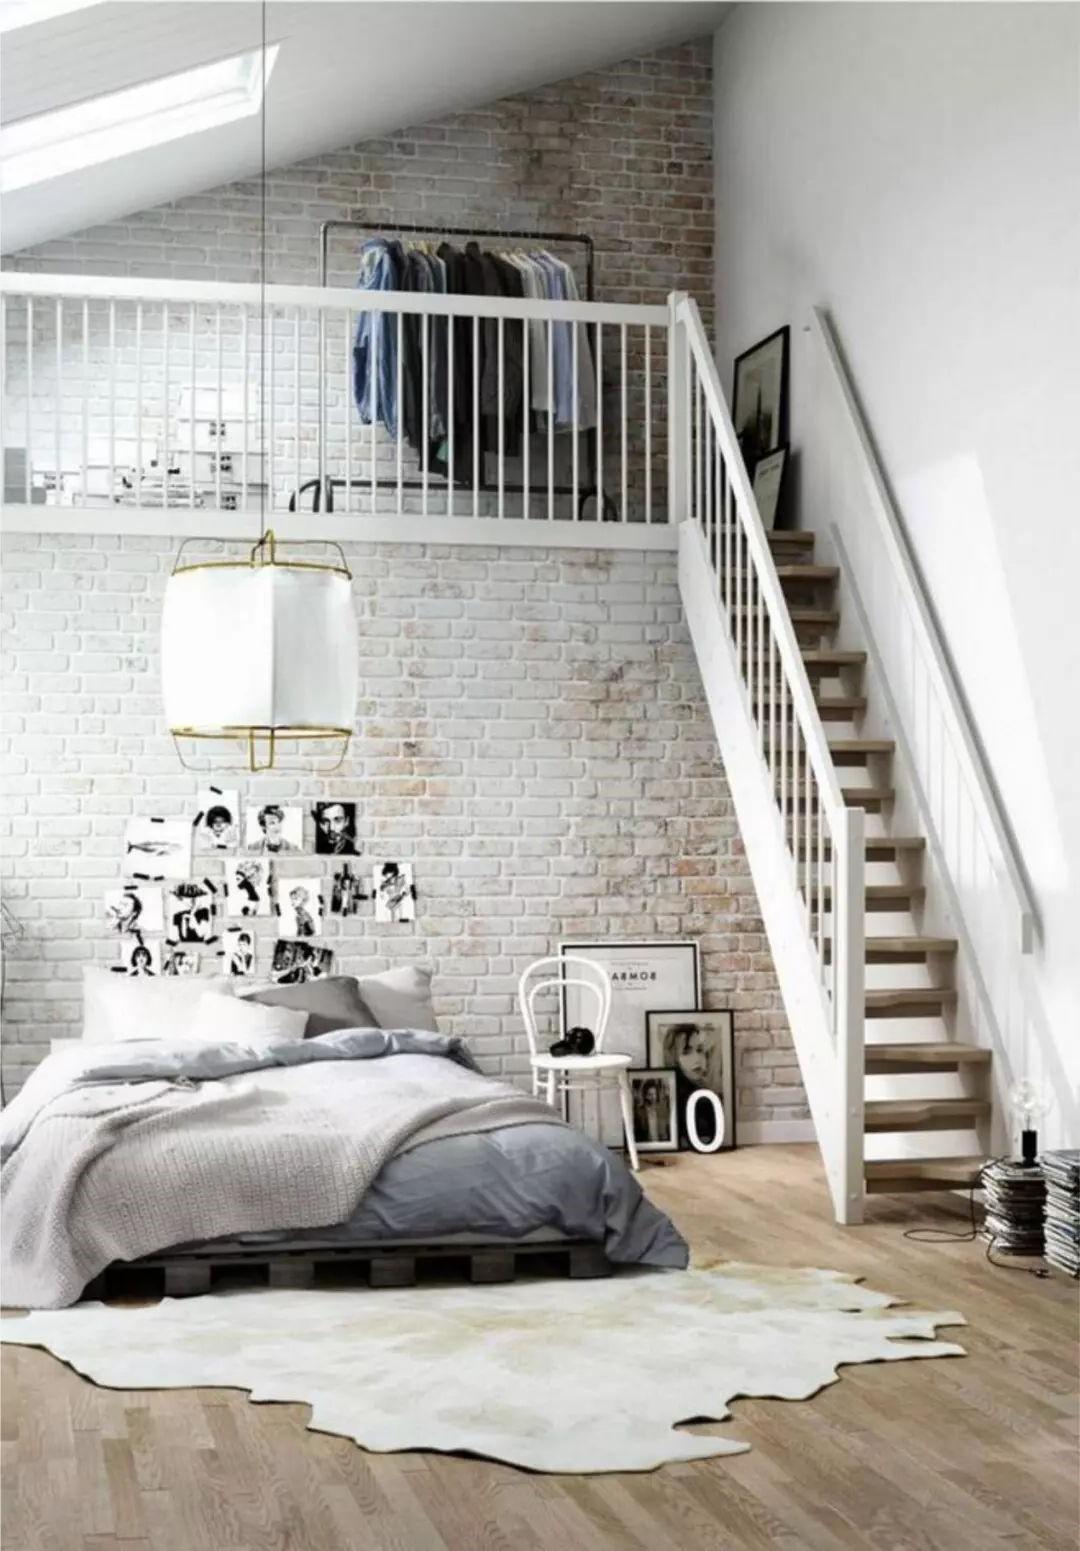 Aménagement sous combles: Les fenêtres peuvent ajouter un intérêt architectural, tout en baignant votre chambre de lumière.